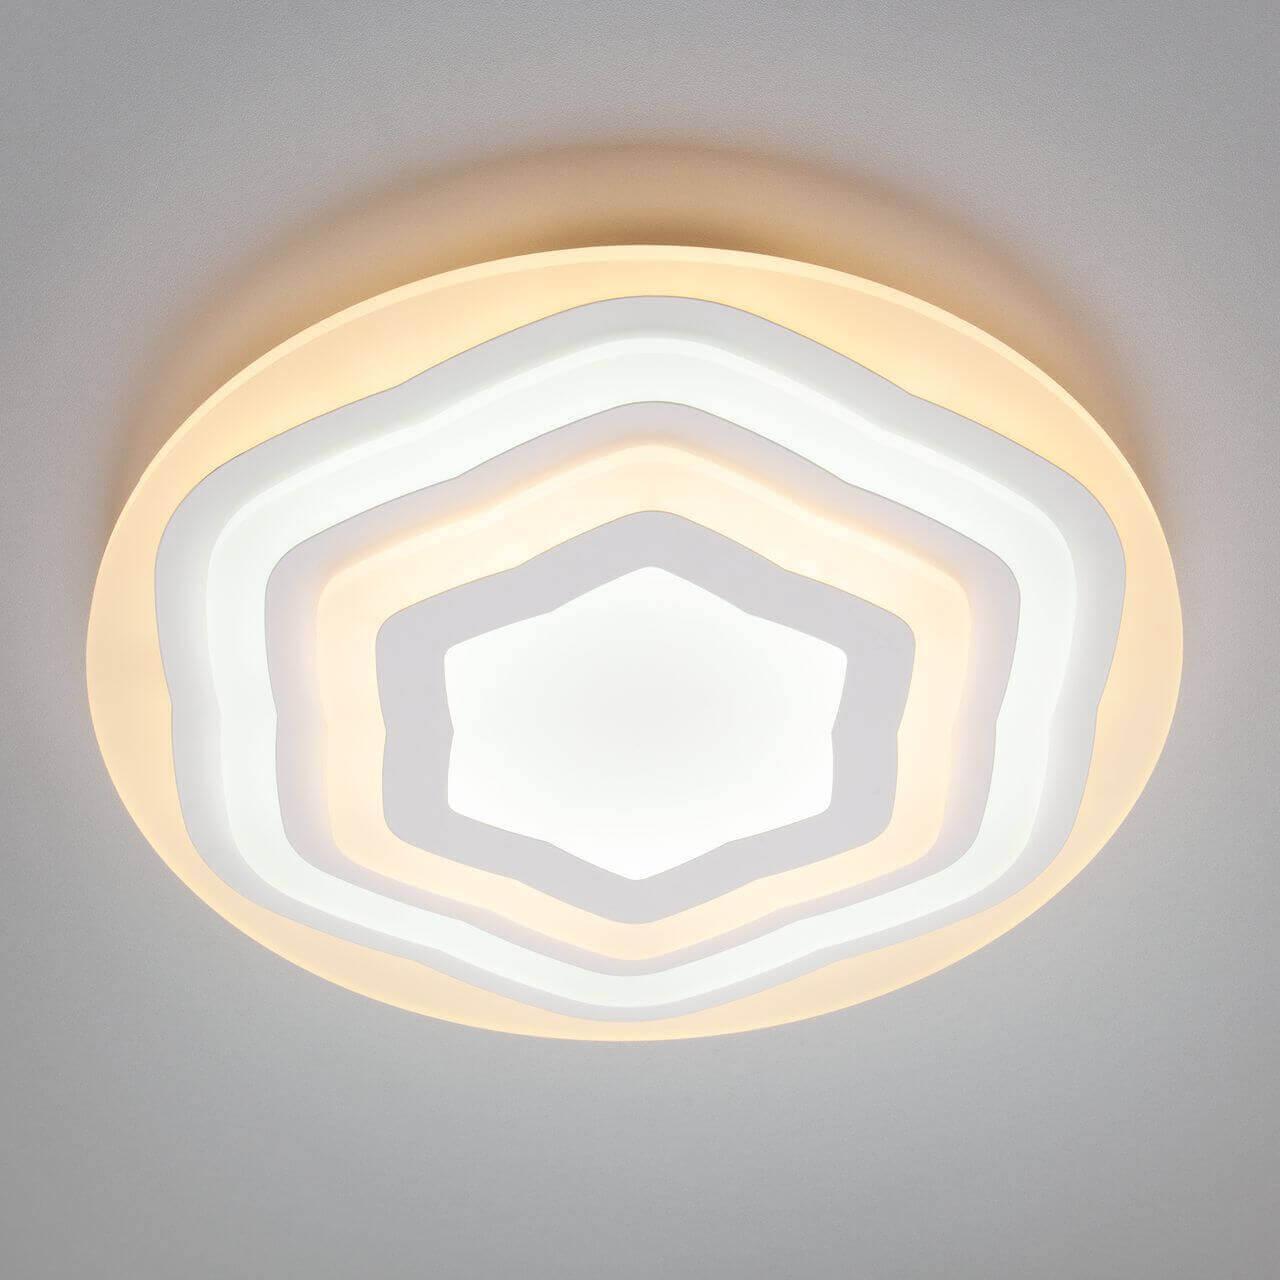 Потолочный светильник Eurosvet 90117/1, белый